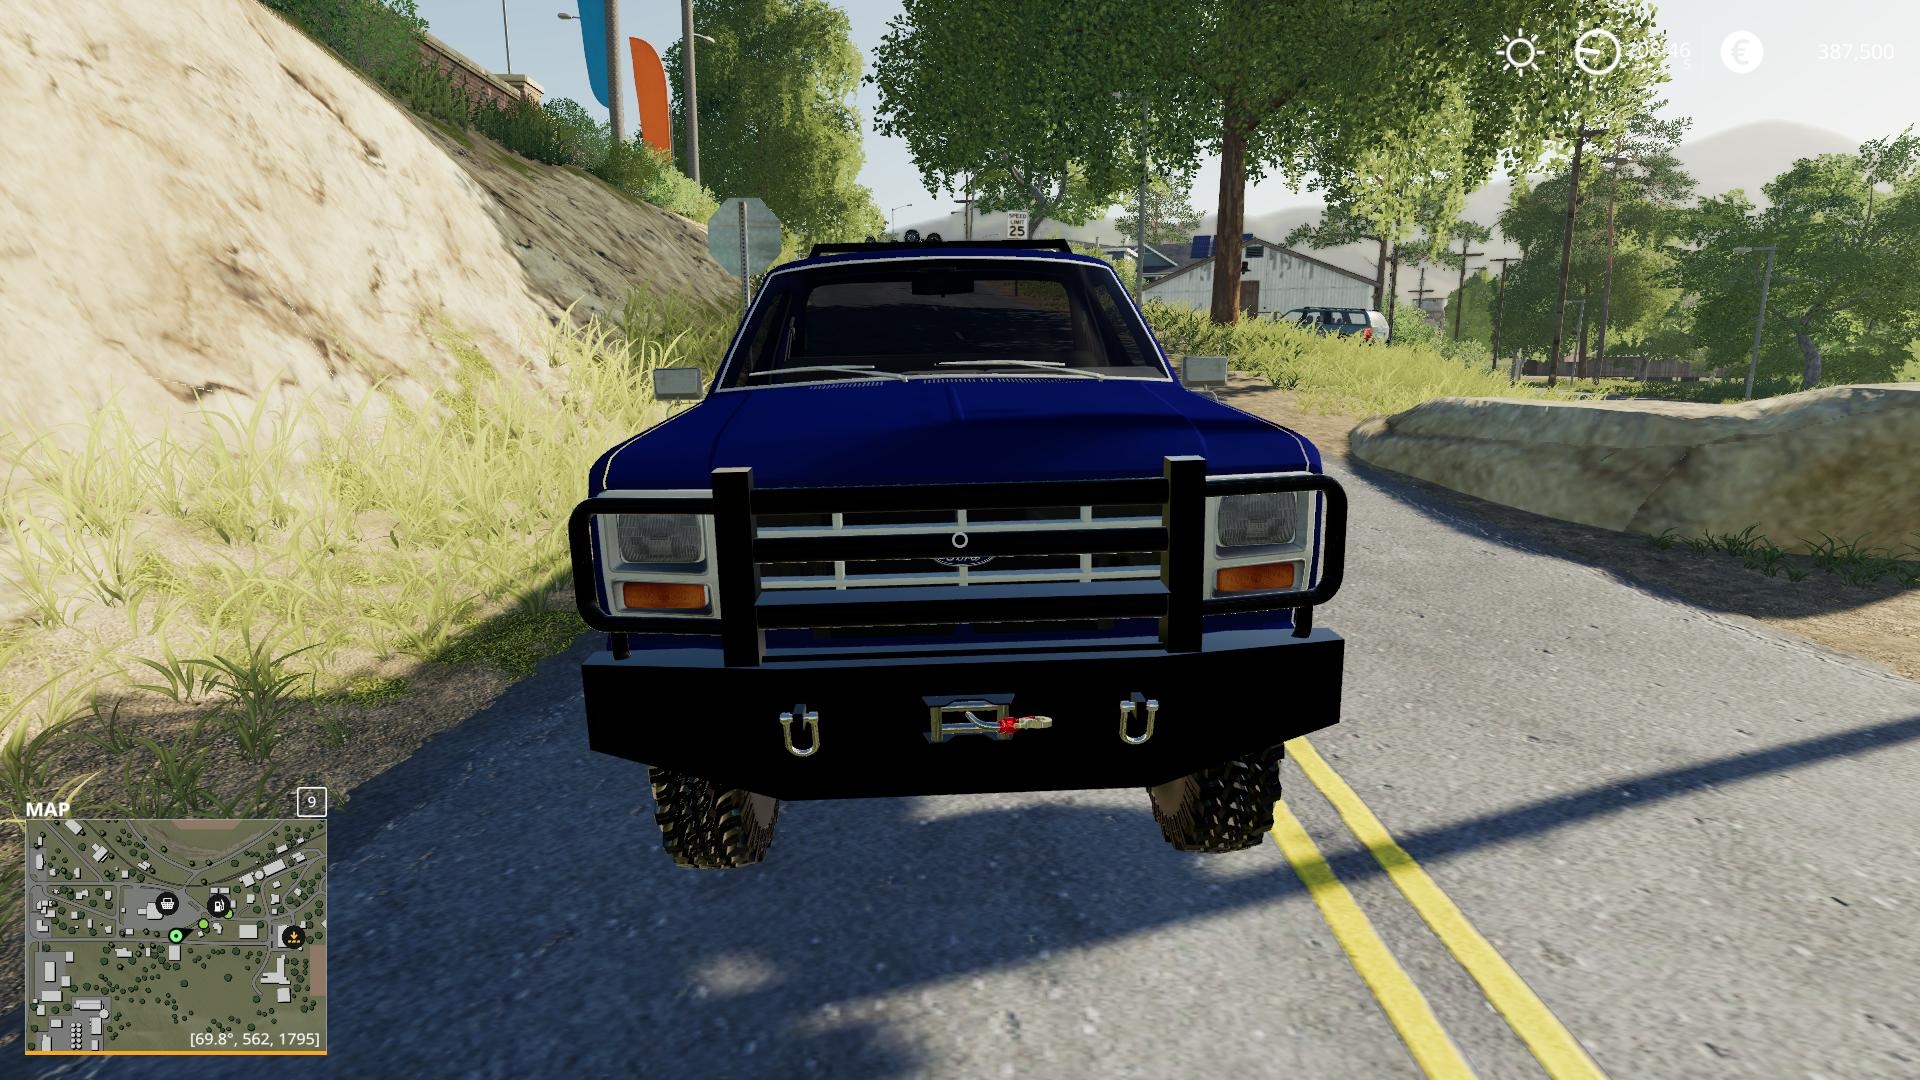 1983 Ford f150 Car v1.0 FS19 - Farming Simulator 19 Mod | FS19 mod